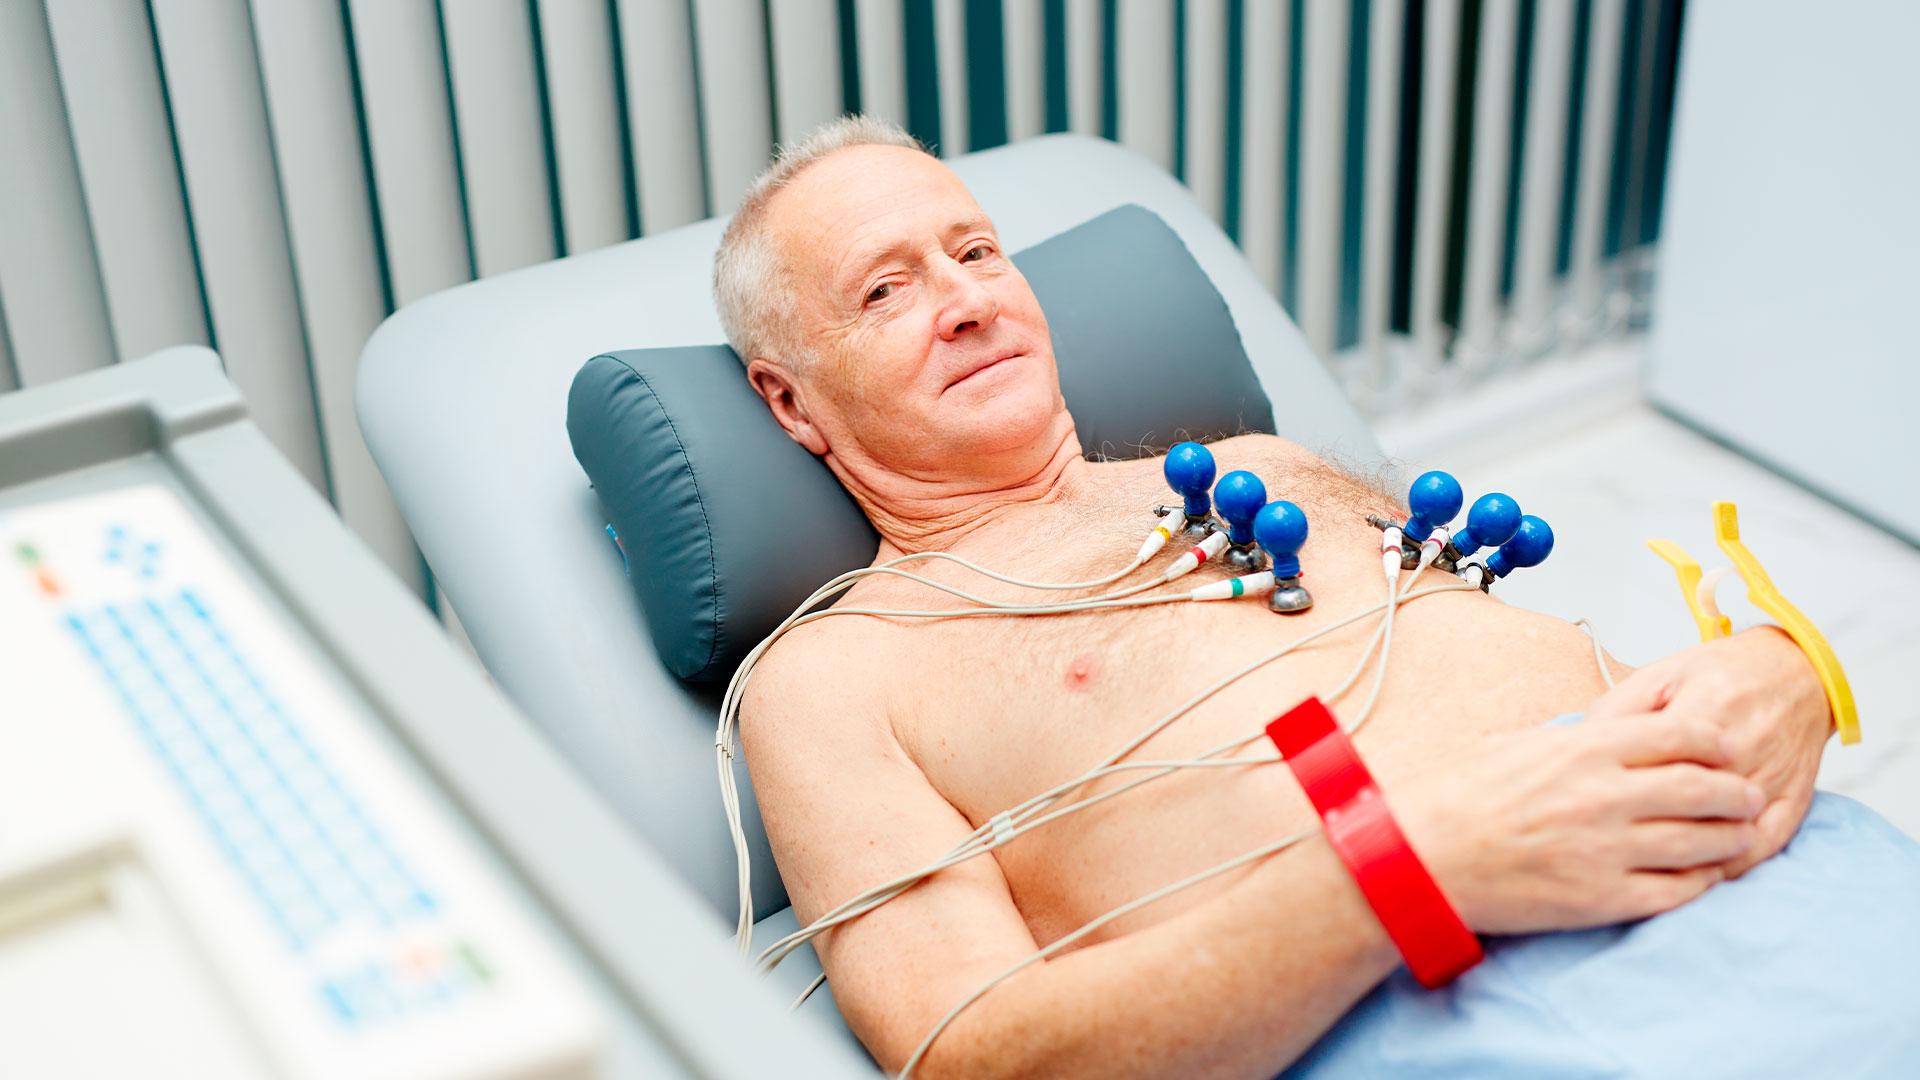 L'alto indice glicemico della dieta si conferma un rischio per la salute del cuore